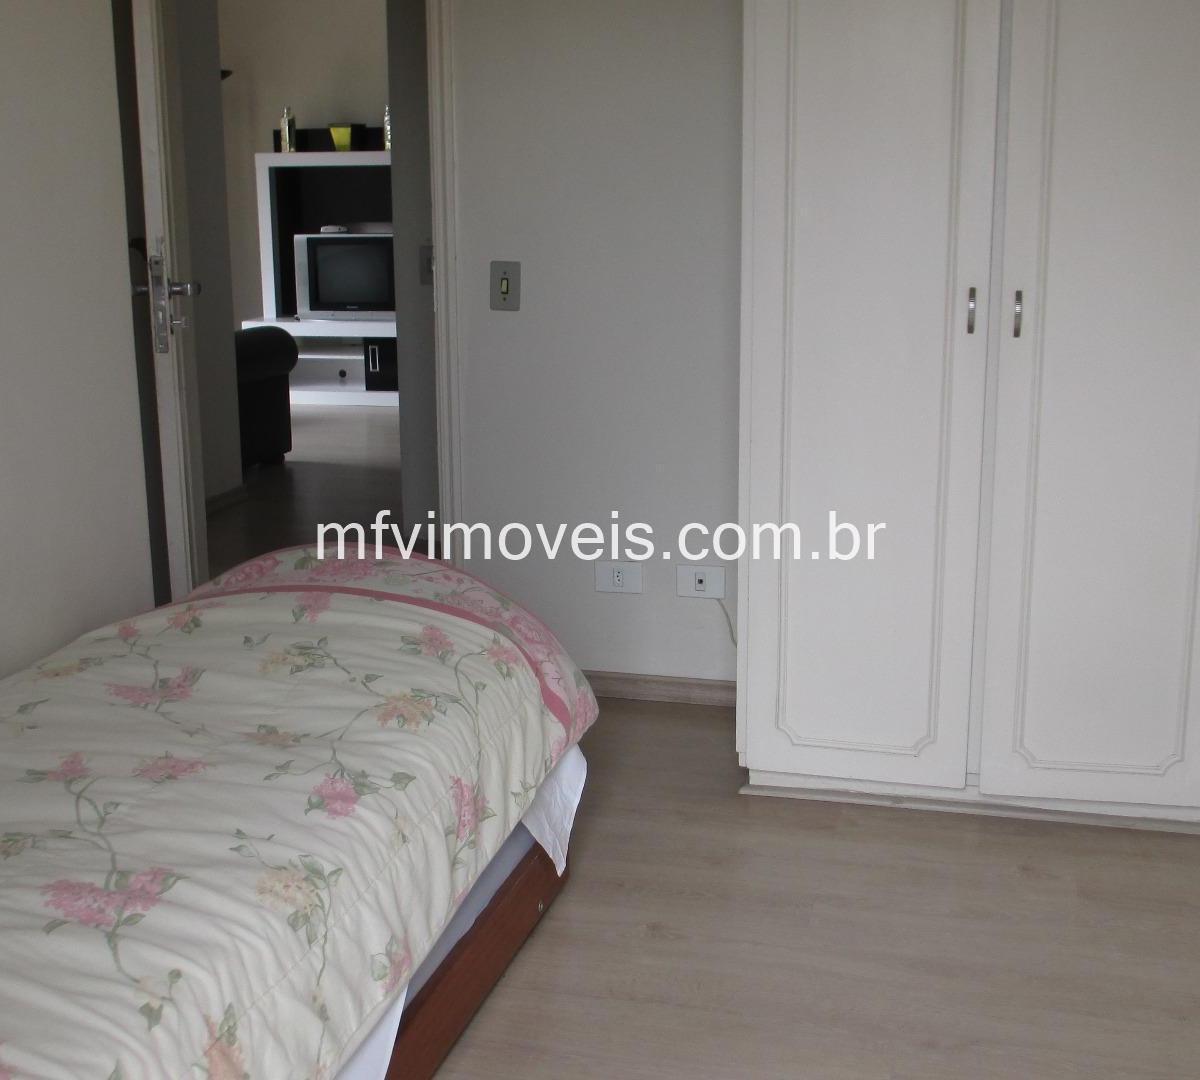 Imagens de #6C5258 Apartamento para aluguel com 2 Quartos Vila Olímpia São Paulo R$  1200x1080 px 2520 Box Banheiro Vila Olimpia